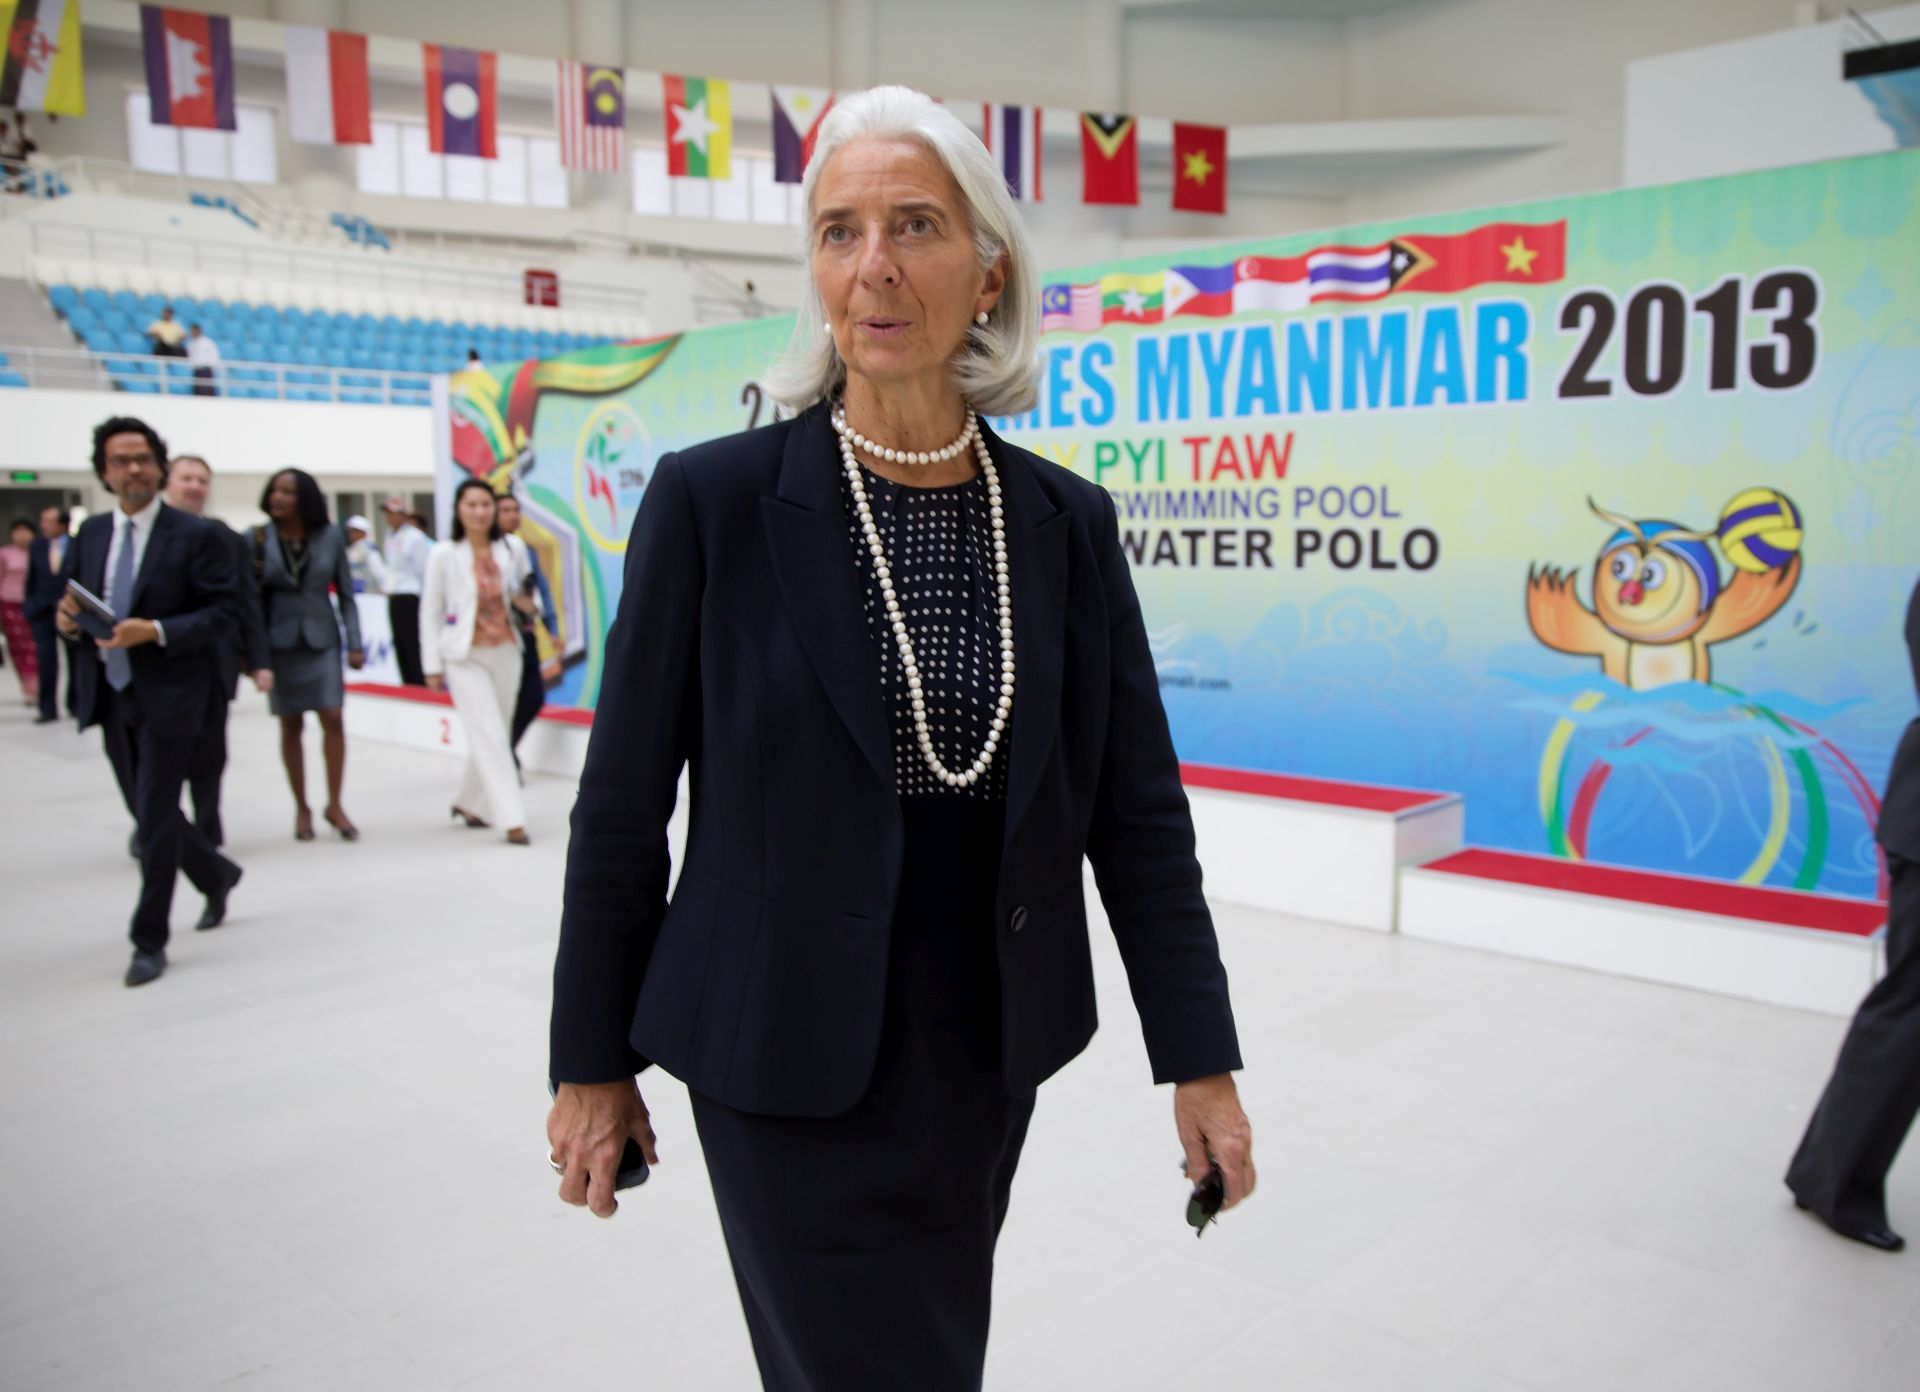 POSTAVLJENI UVJETI Lagarde: Bez restrukturiranja grčkog duga MMF ne sudjeluje